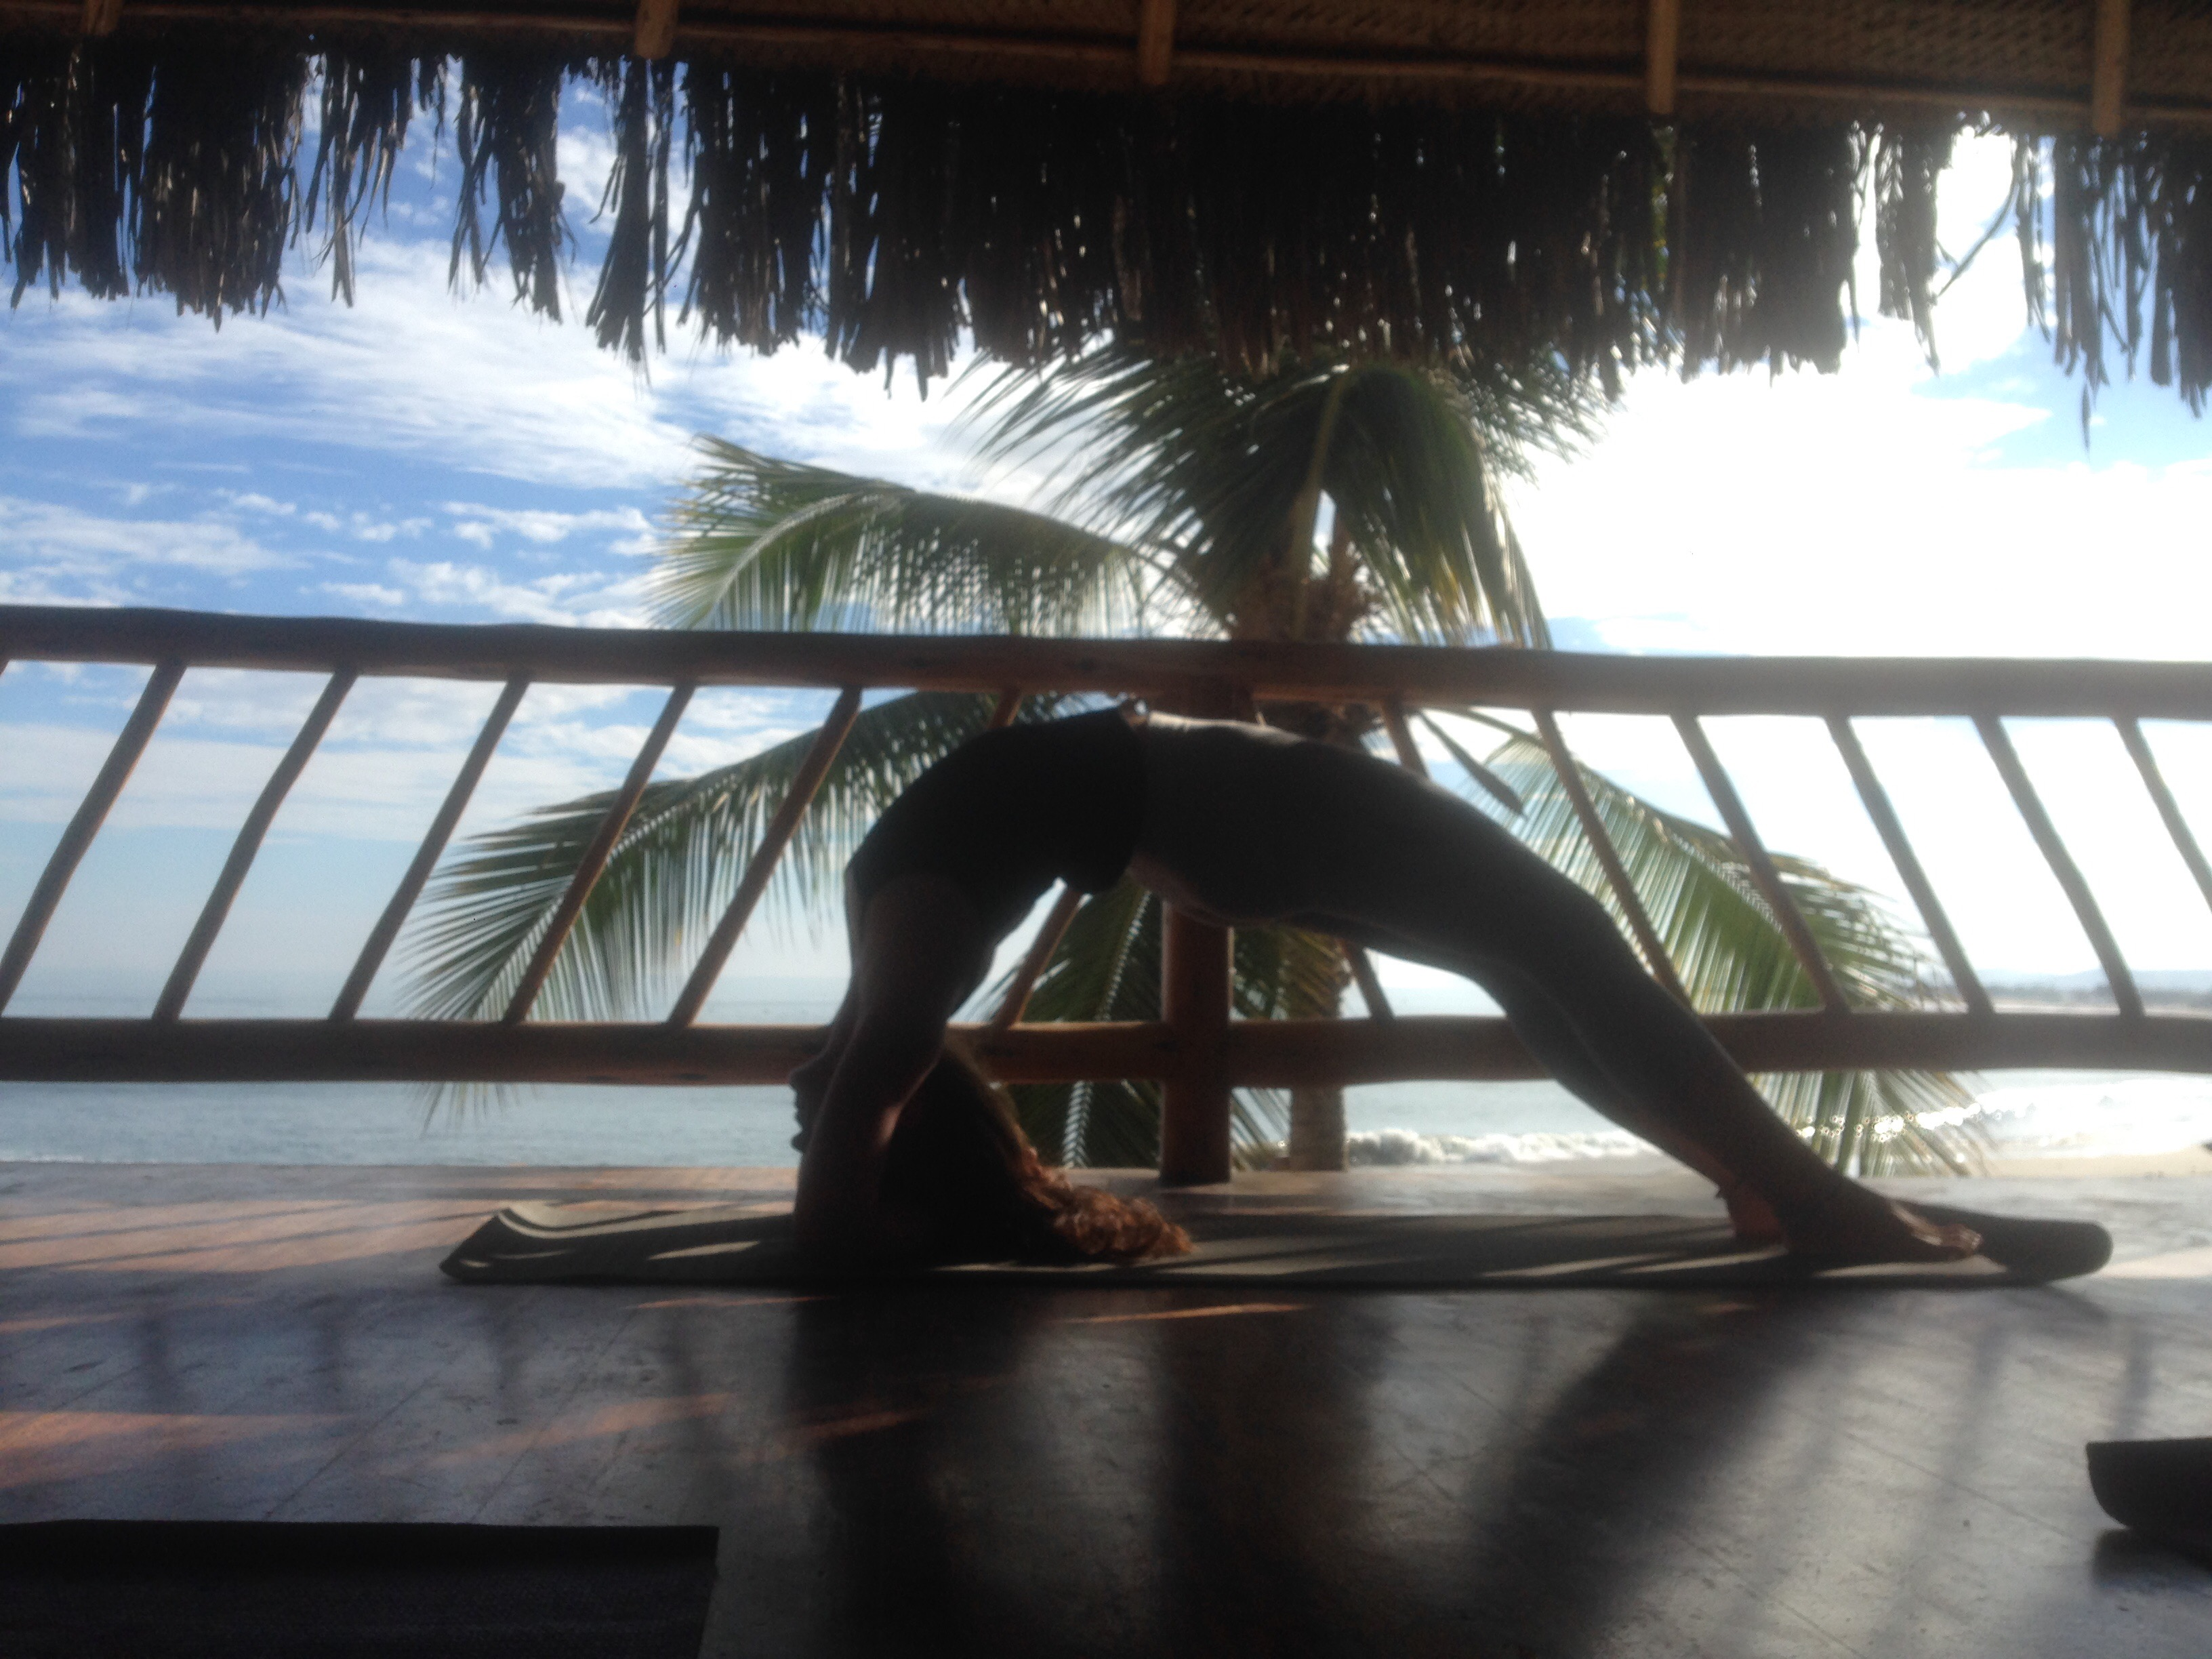 Webandsun Justyna Yoga mancora hatha